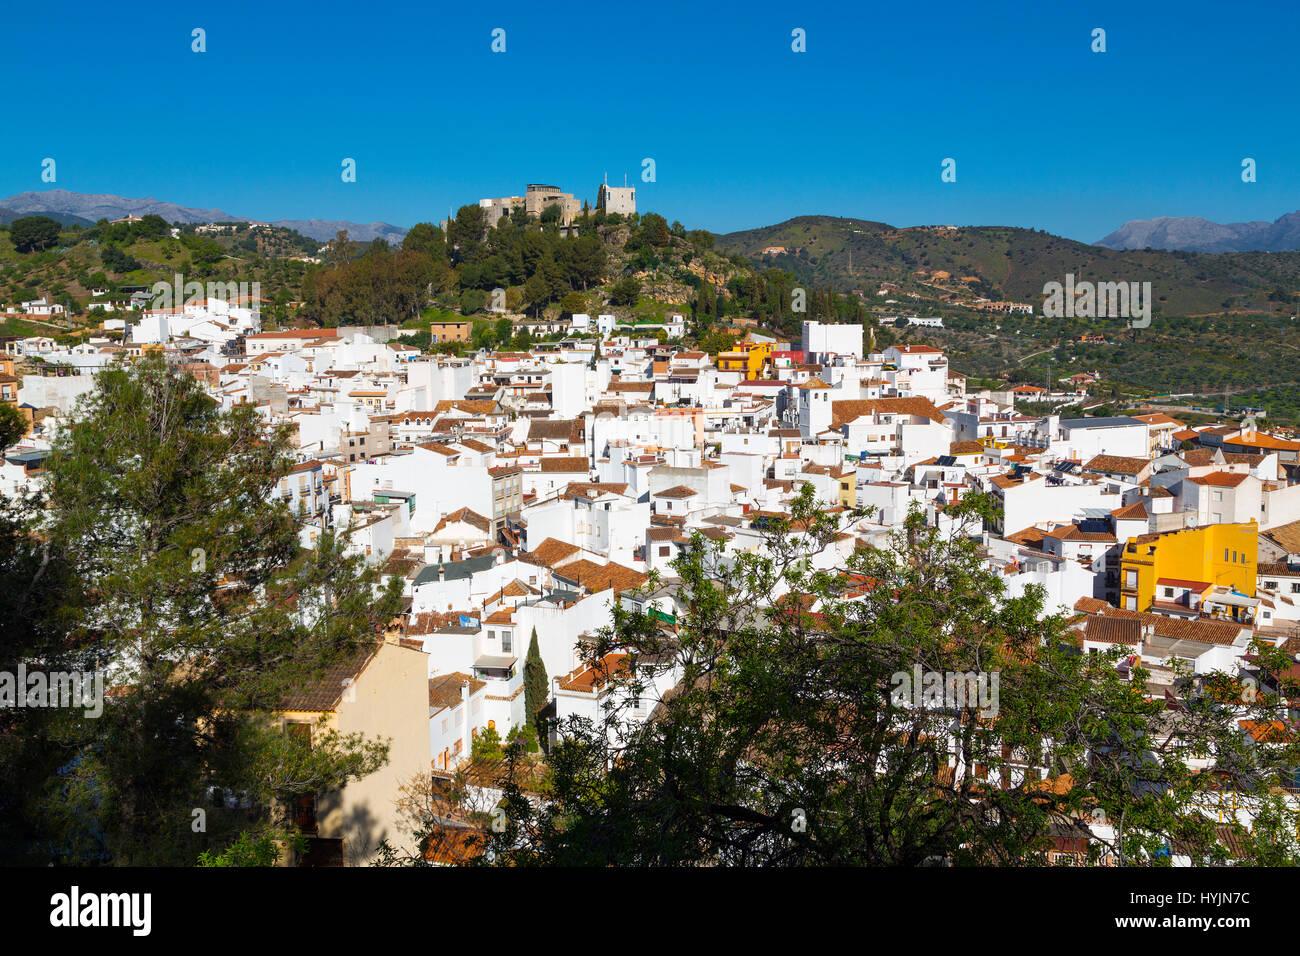 46e99171ef43c Parque Natural Sierra de las Nieves. La provincia de Málaga Costa del Sol.  Andalucía al sur de España